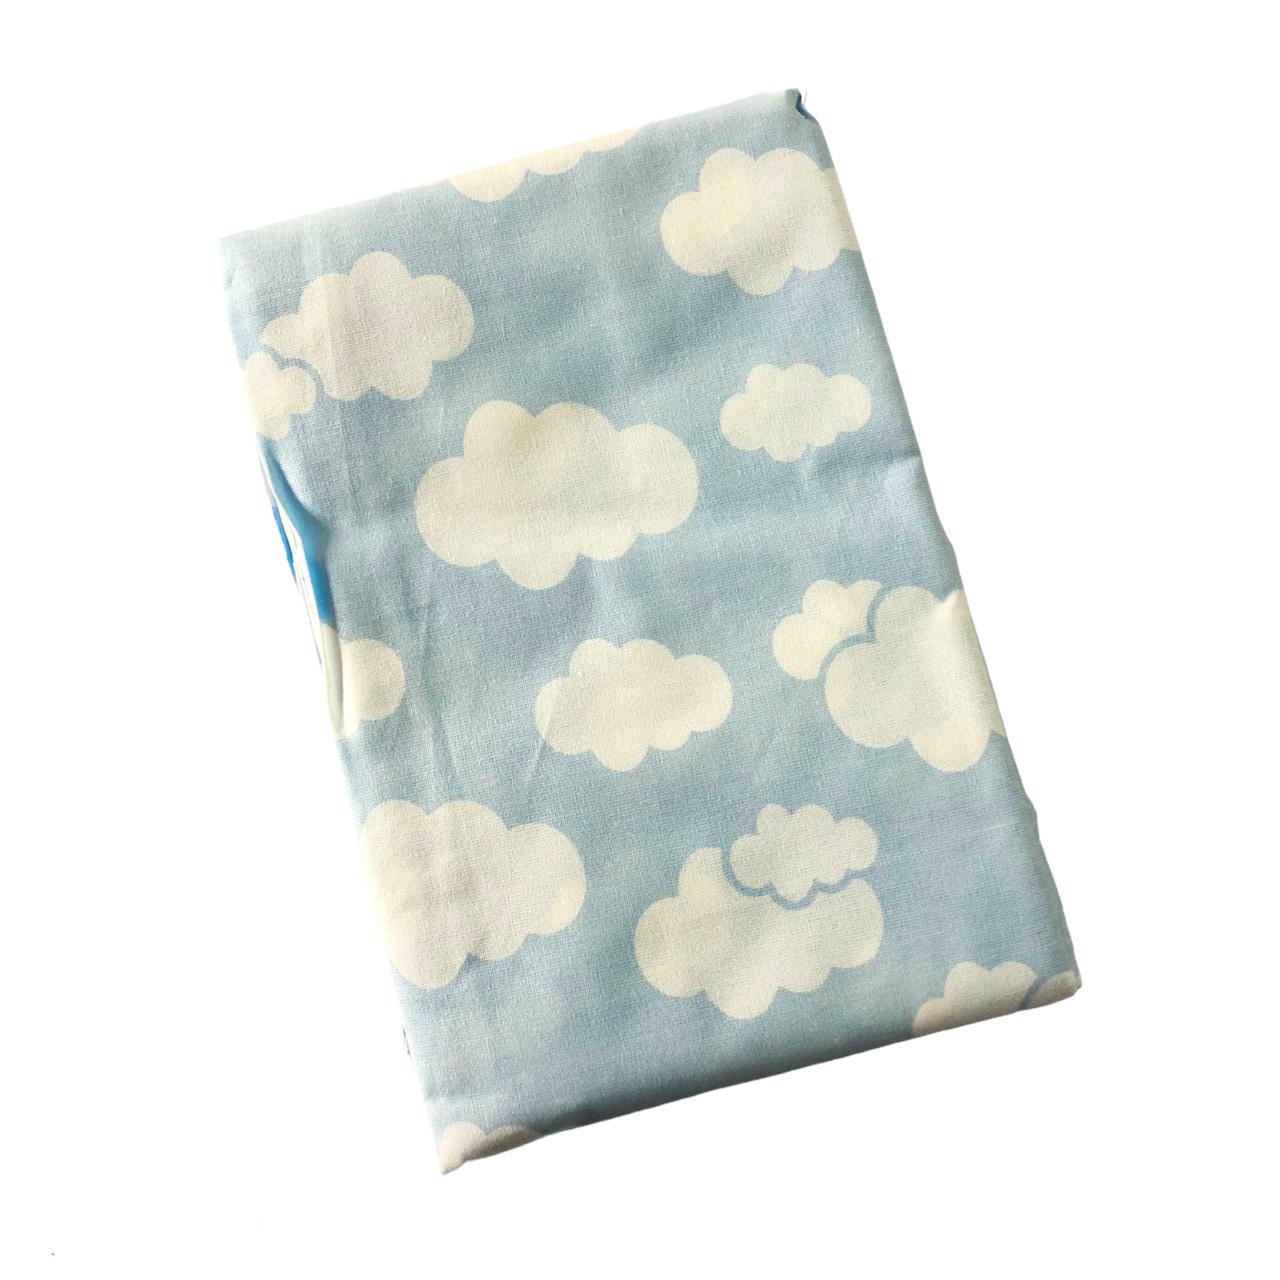 Lençol para Cercado Avulso com Elástico Nuvem Azul Alvinha - Minasrey